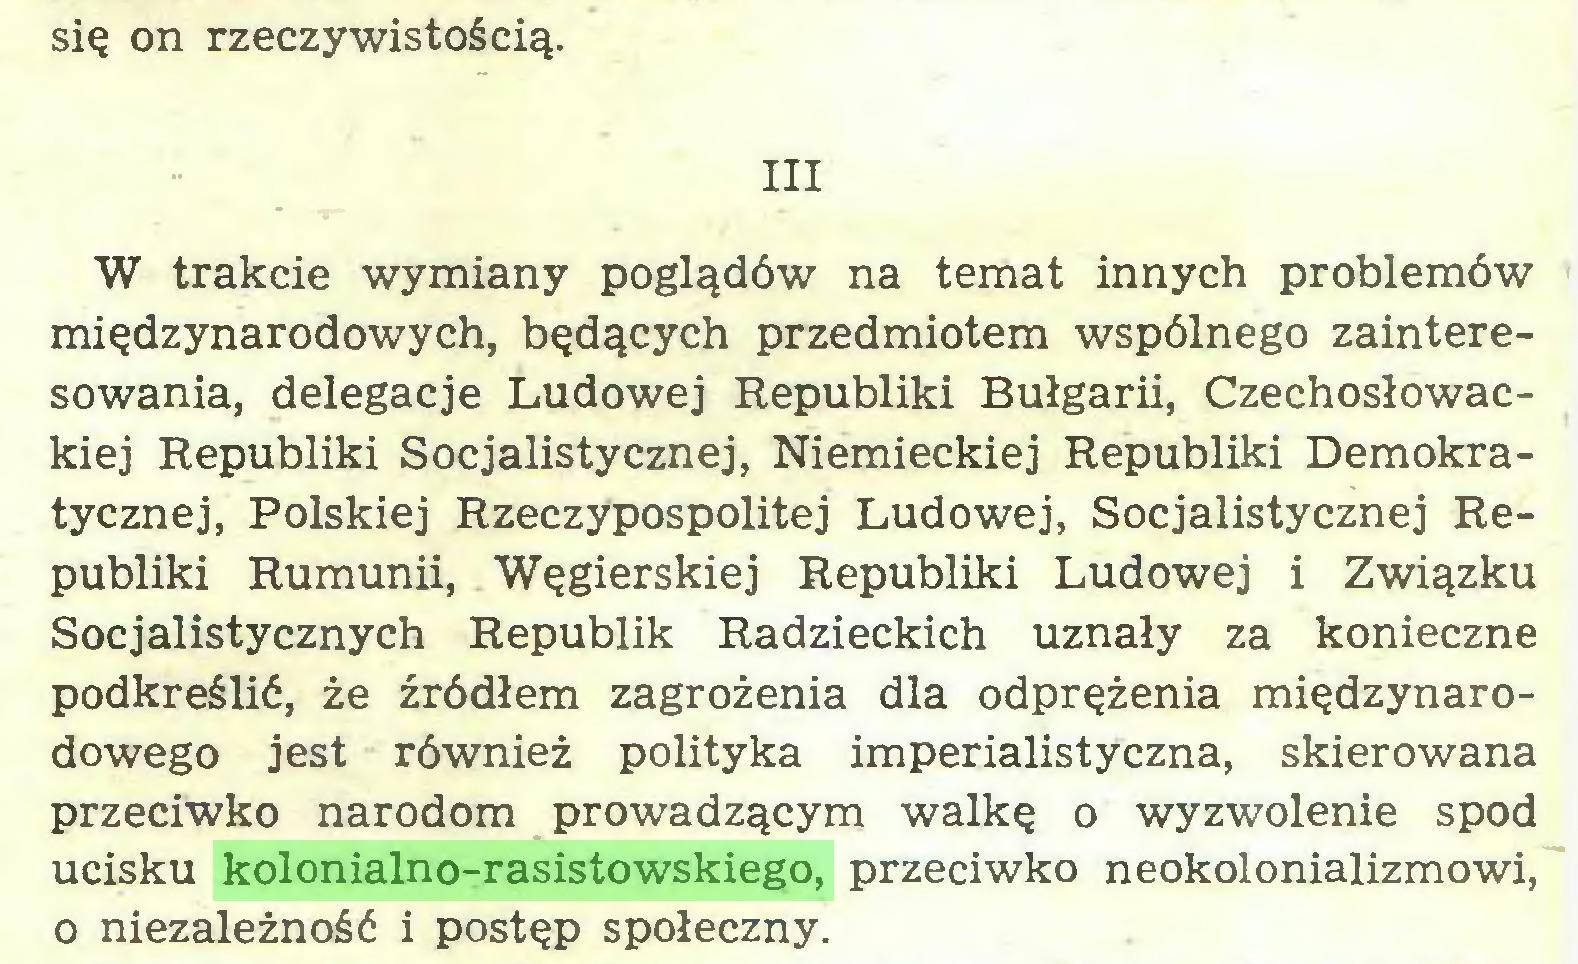 (...) się on rzeczywistością. III W trakcie wymiany poglądów na temat innych problemów międzynarodowych, będących przedmiotem wspólnego zainteresowania, delegacje Ludowej Republiki Bułgarii, Czechosłowackiej Republiki Socjalistycznej, Niemieckiej Republiki Demokratycznej, Polskiej Rzeczypospolitej Ludowej, Socjalistycznej Republiki Rumunii, Węgierskiej Republiki Ludowej i Związku Socjalistycznych Republik Radzieckich uznały za konieczne podkreślić, że źródłem zagrożenia dla odprężenia międzynarodowego jest również polityka imperialistyczna, skierowana przeciwko narodom prowadzącym walkę o wyzwolenie spod ucisku kolonialno-rasistowskiego, przeciwko neokolonializmowi, 0 niezależność i postęp społeczny...